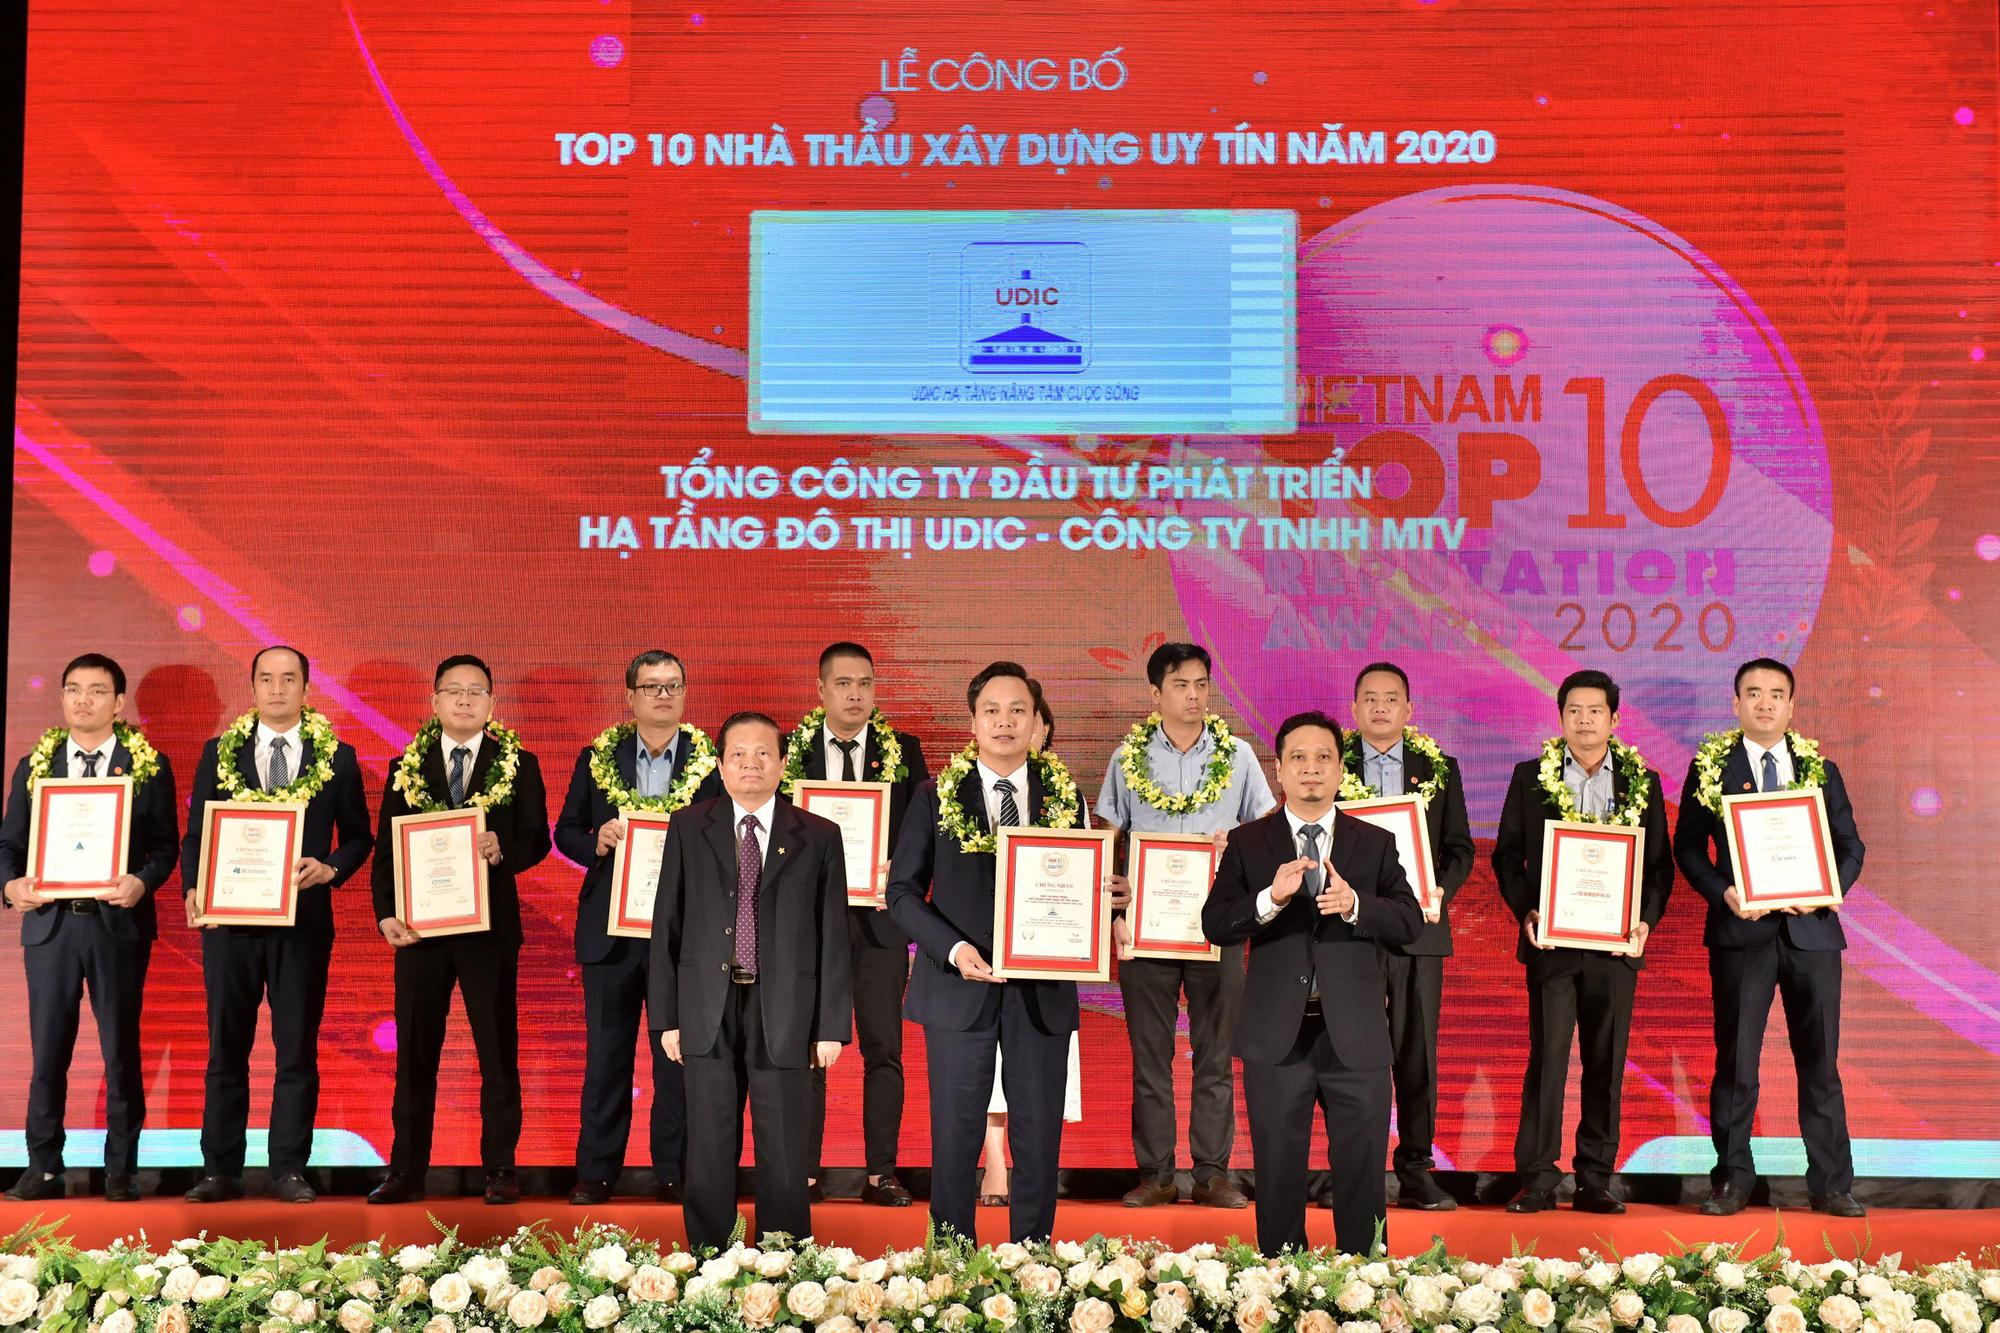 Tổng Công ty UDIC trong Top 10 nhà thầu uy tín 2020 - Ảnh 1.